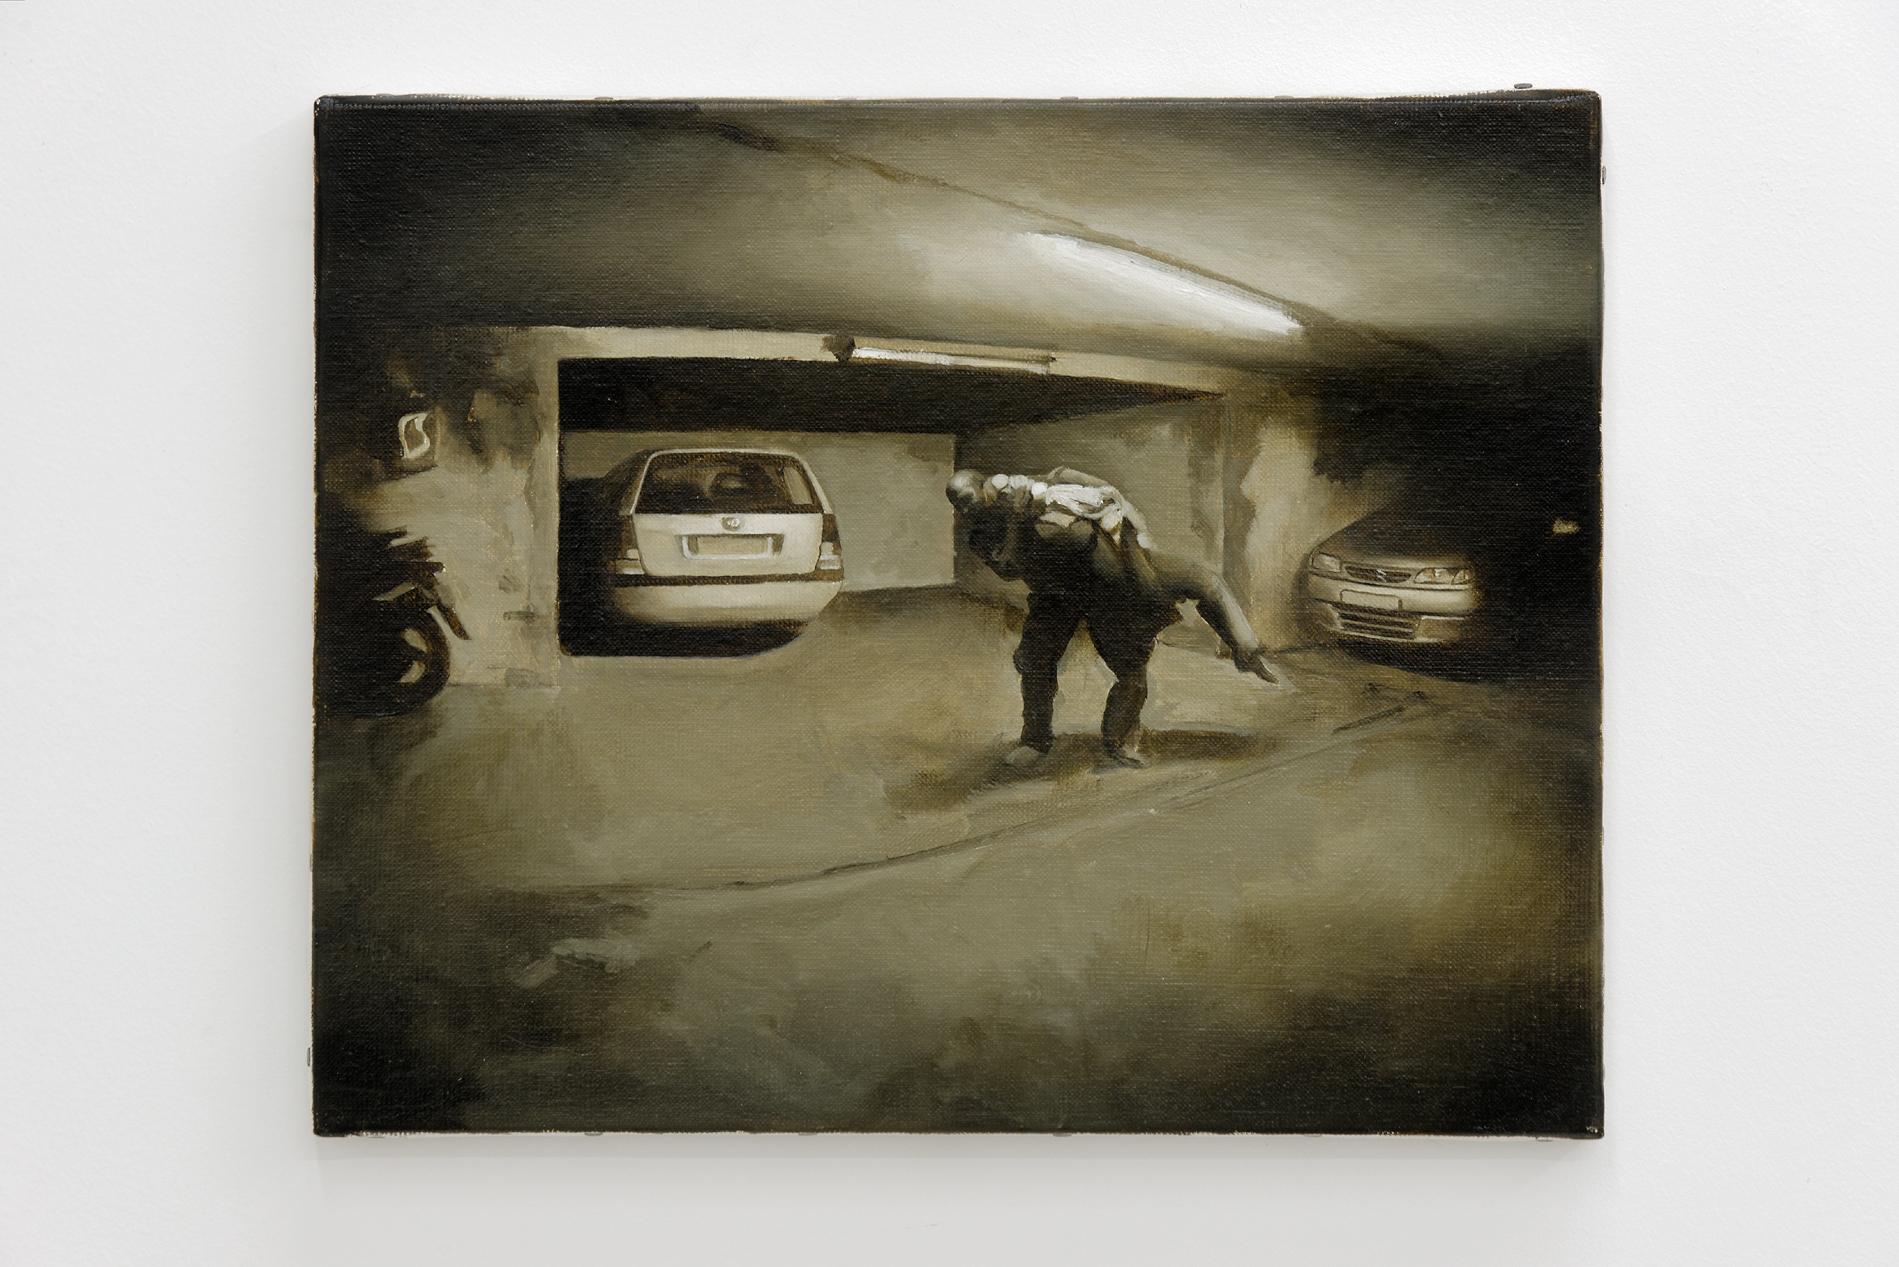 Guillaume Bresson    Sans titre  peinture à huile sur toile (étude) 30 x 40 cm  Courtesy the artist and Galerie Rabouan Moussion Crédit photo : Aurélien Mole